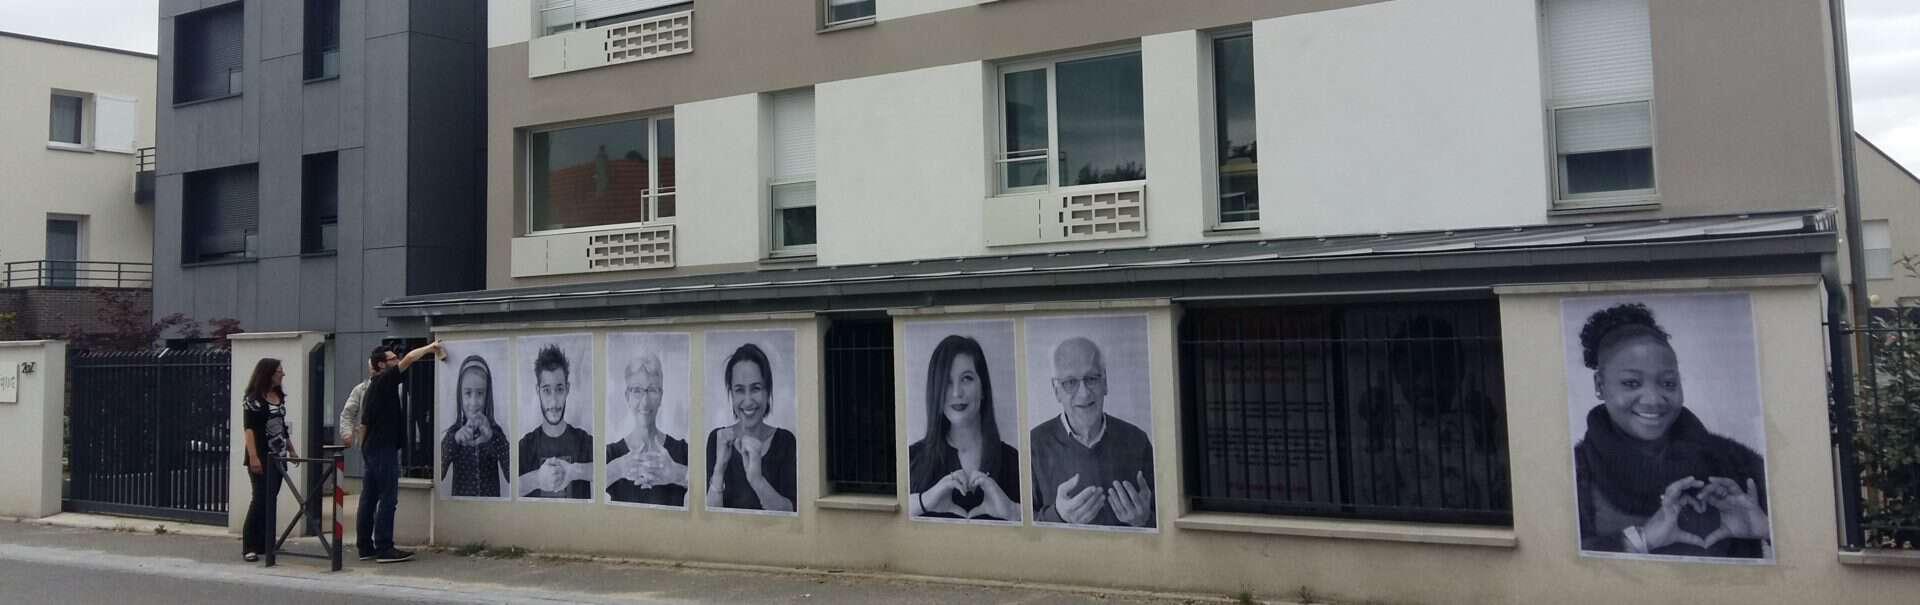 Loiret Collage De L'expo